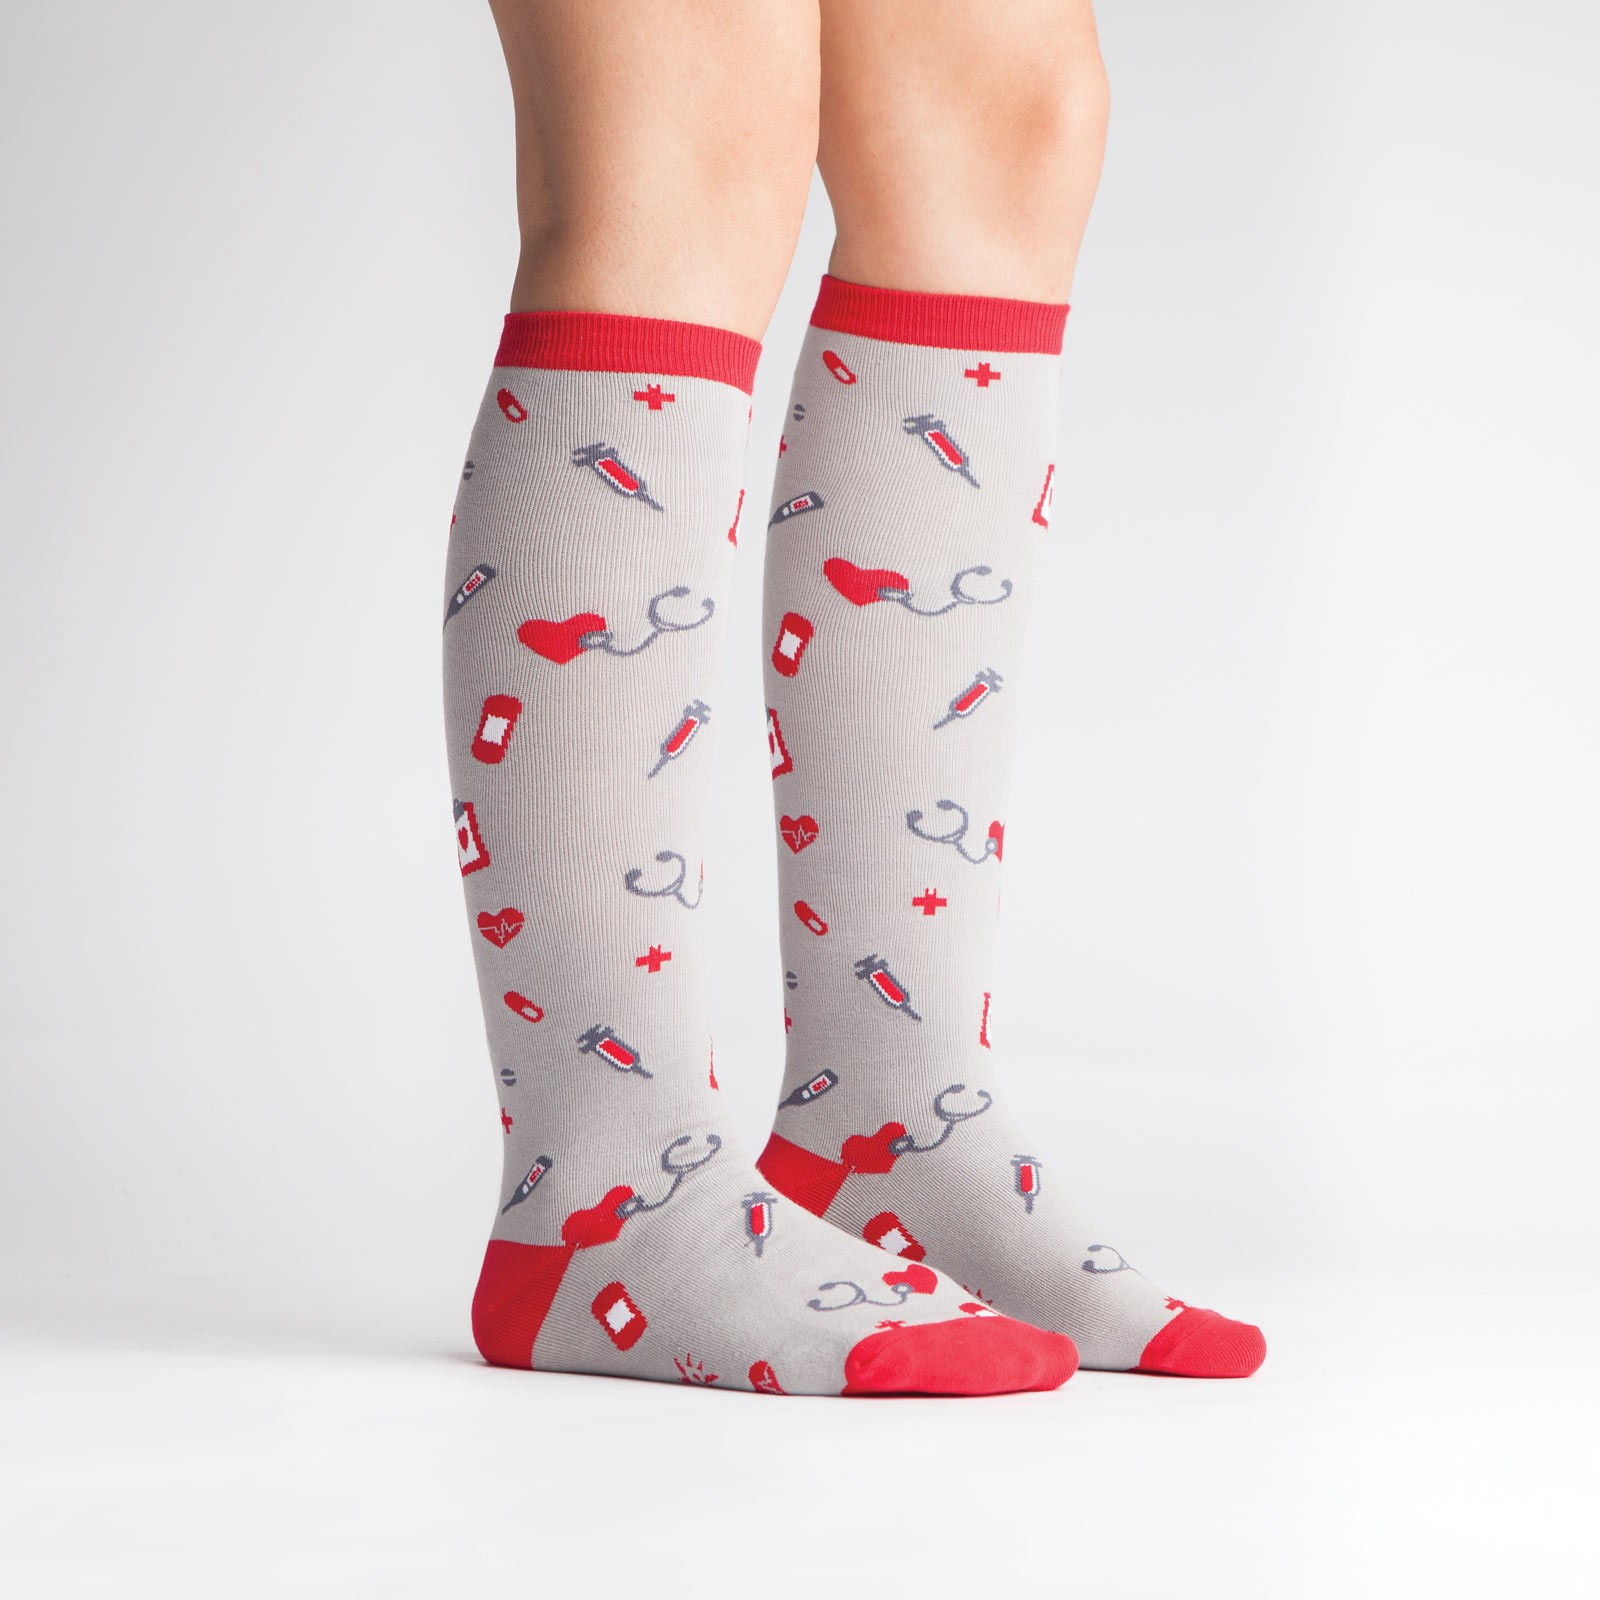 Nurse socks